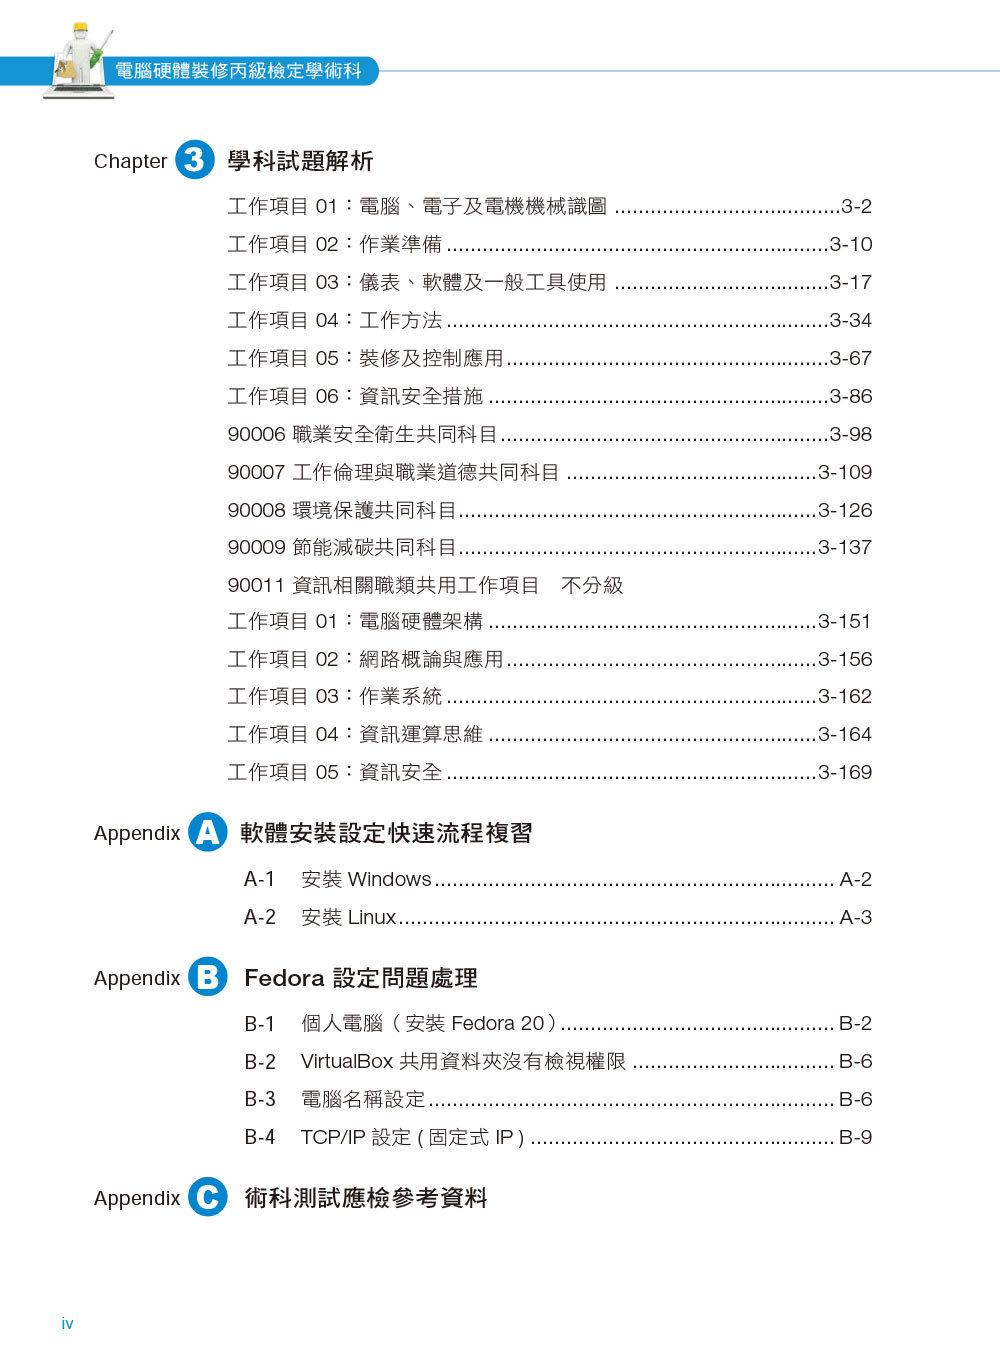 電腦硬體裝修丙級檢定學術科解題教本|110年啟用試題|Windows 10 + Fedora Core 20 + CentOS-preview-2